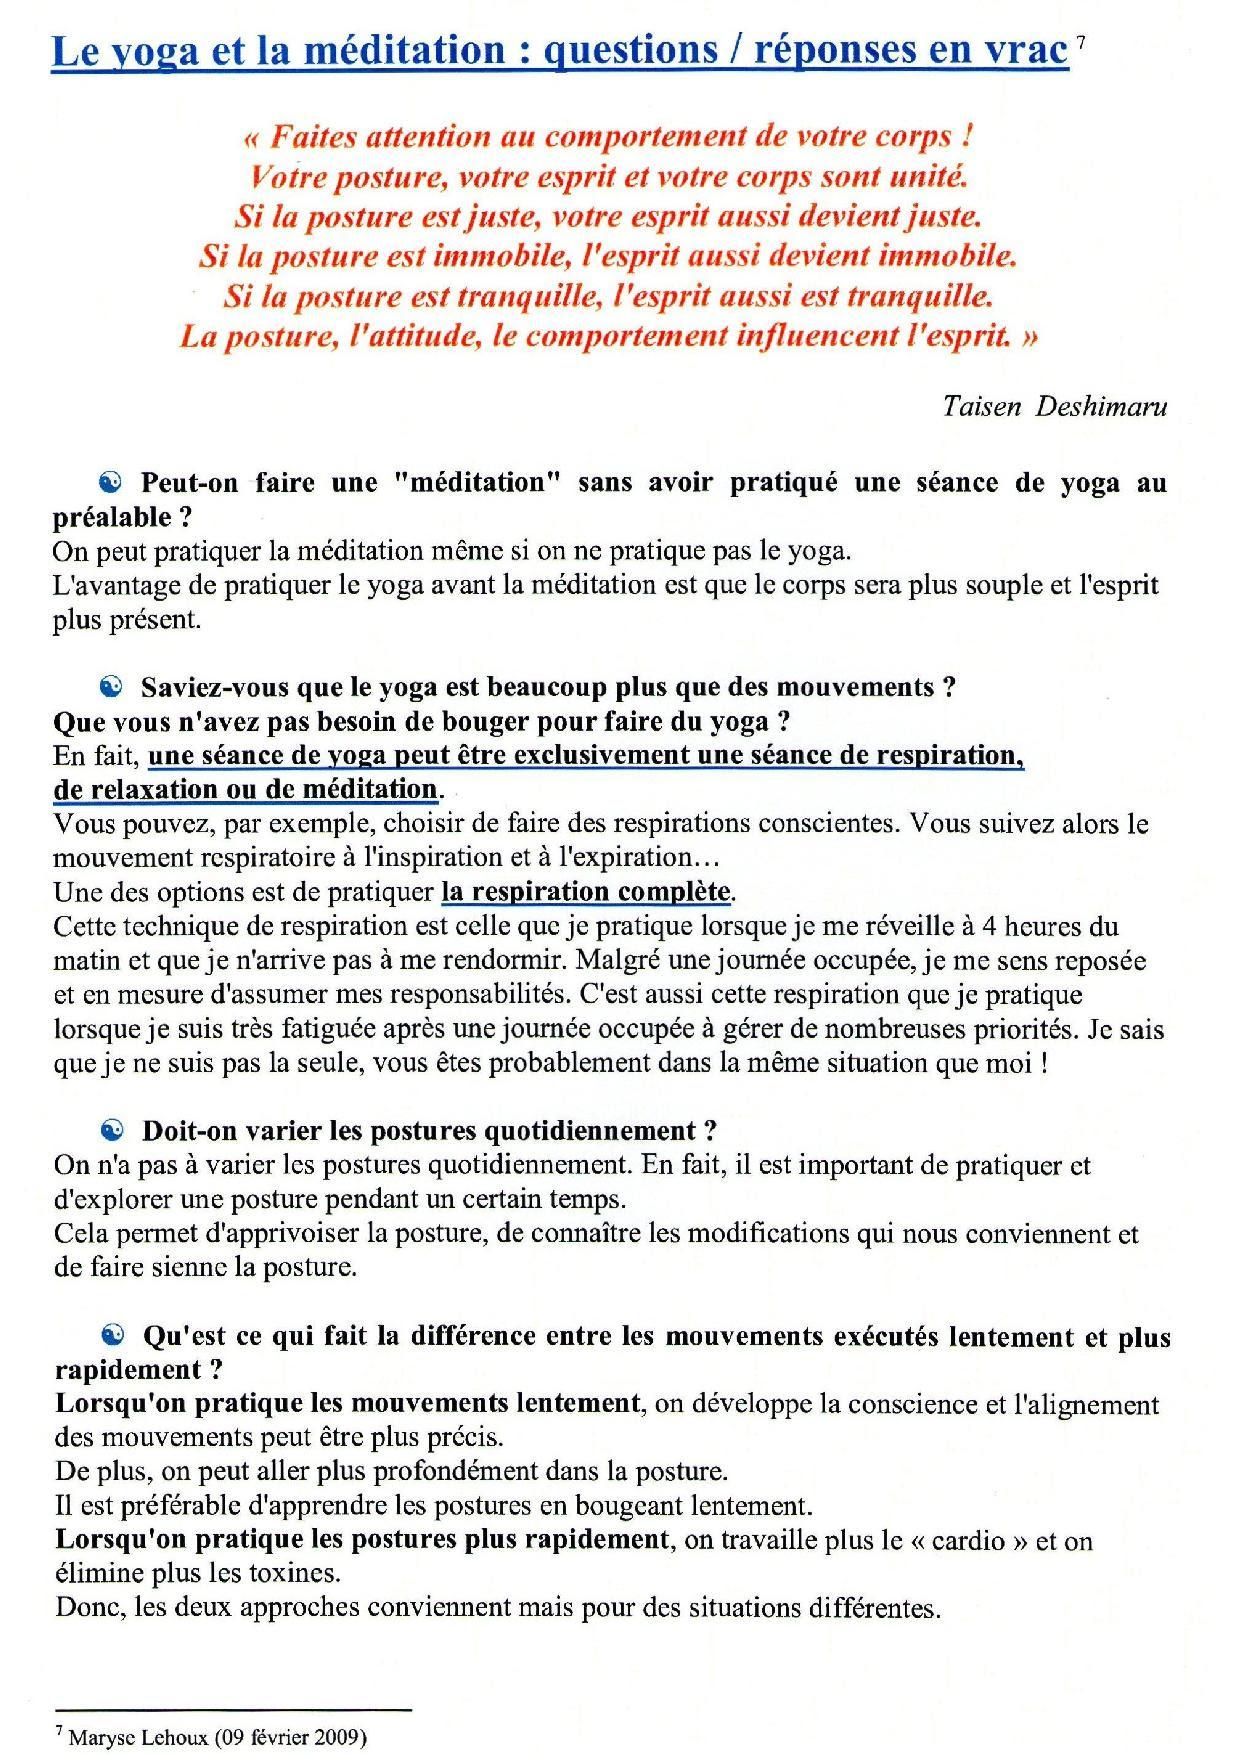 Textes De Relaxation Et De Visualisation Pdf : textes, relaxation, visualisation, Texte, Séance, Nidra